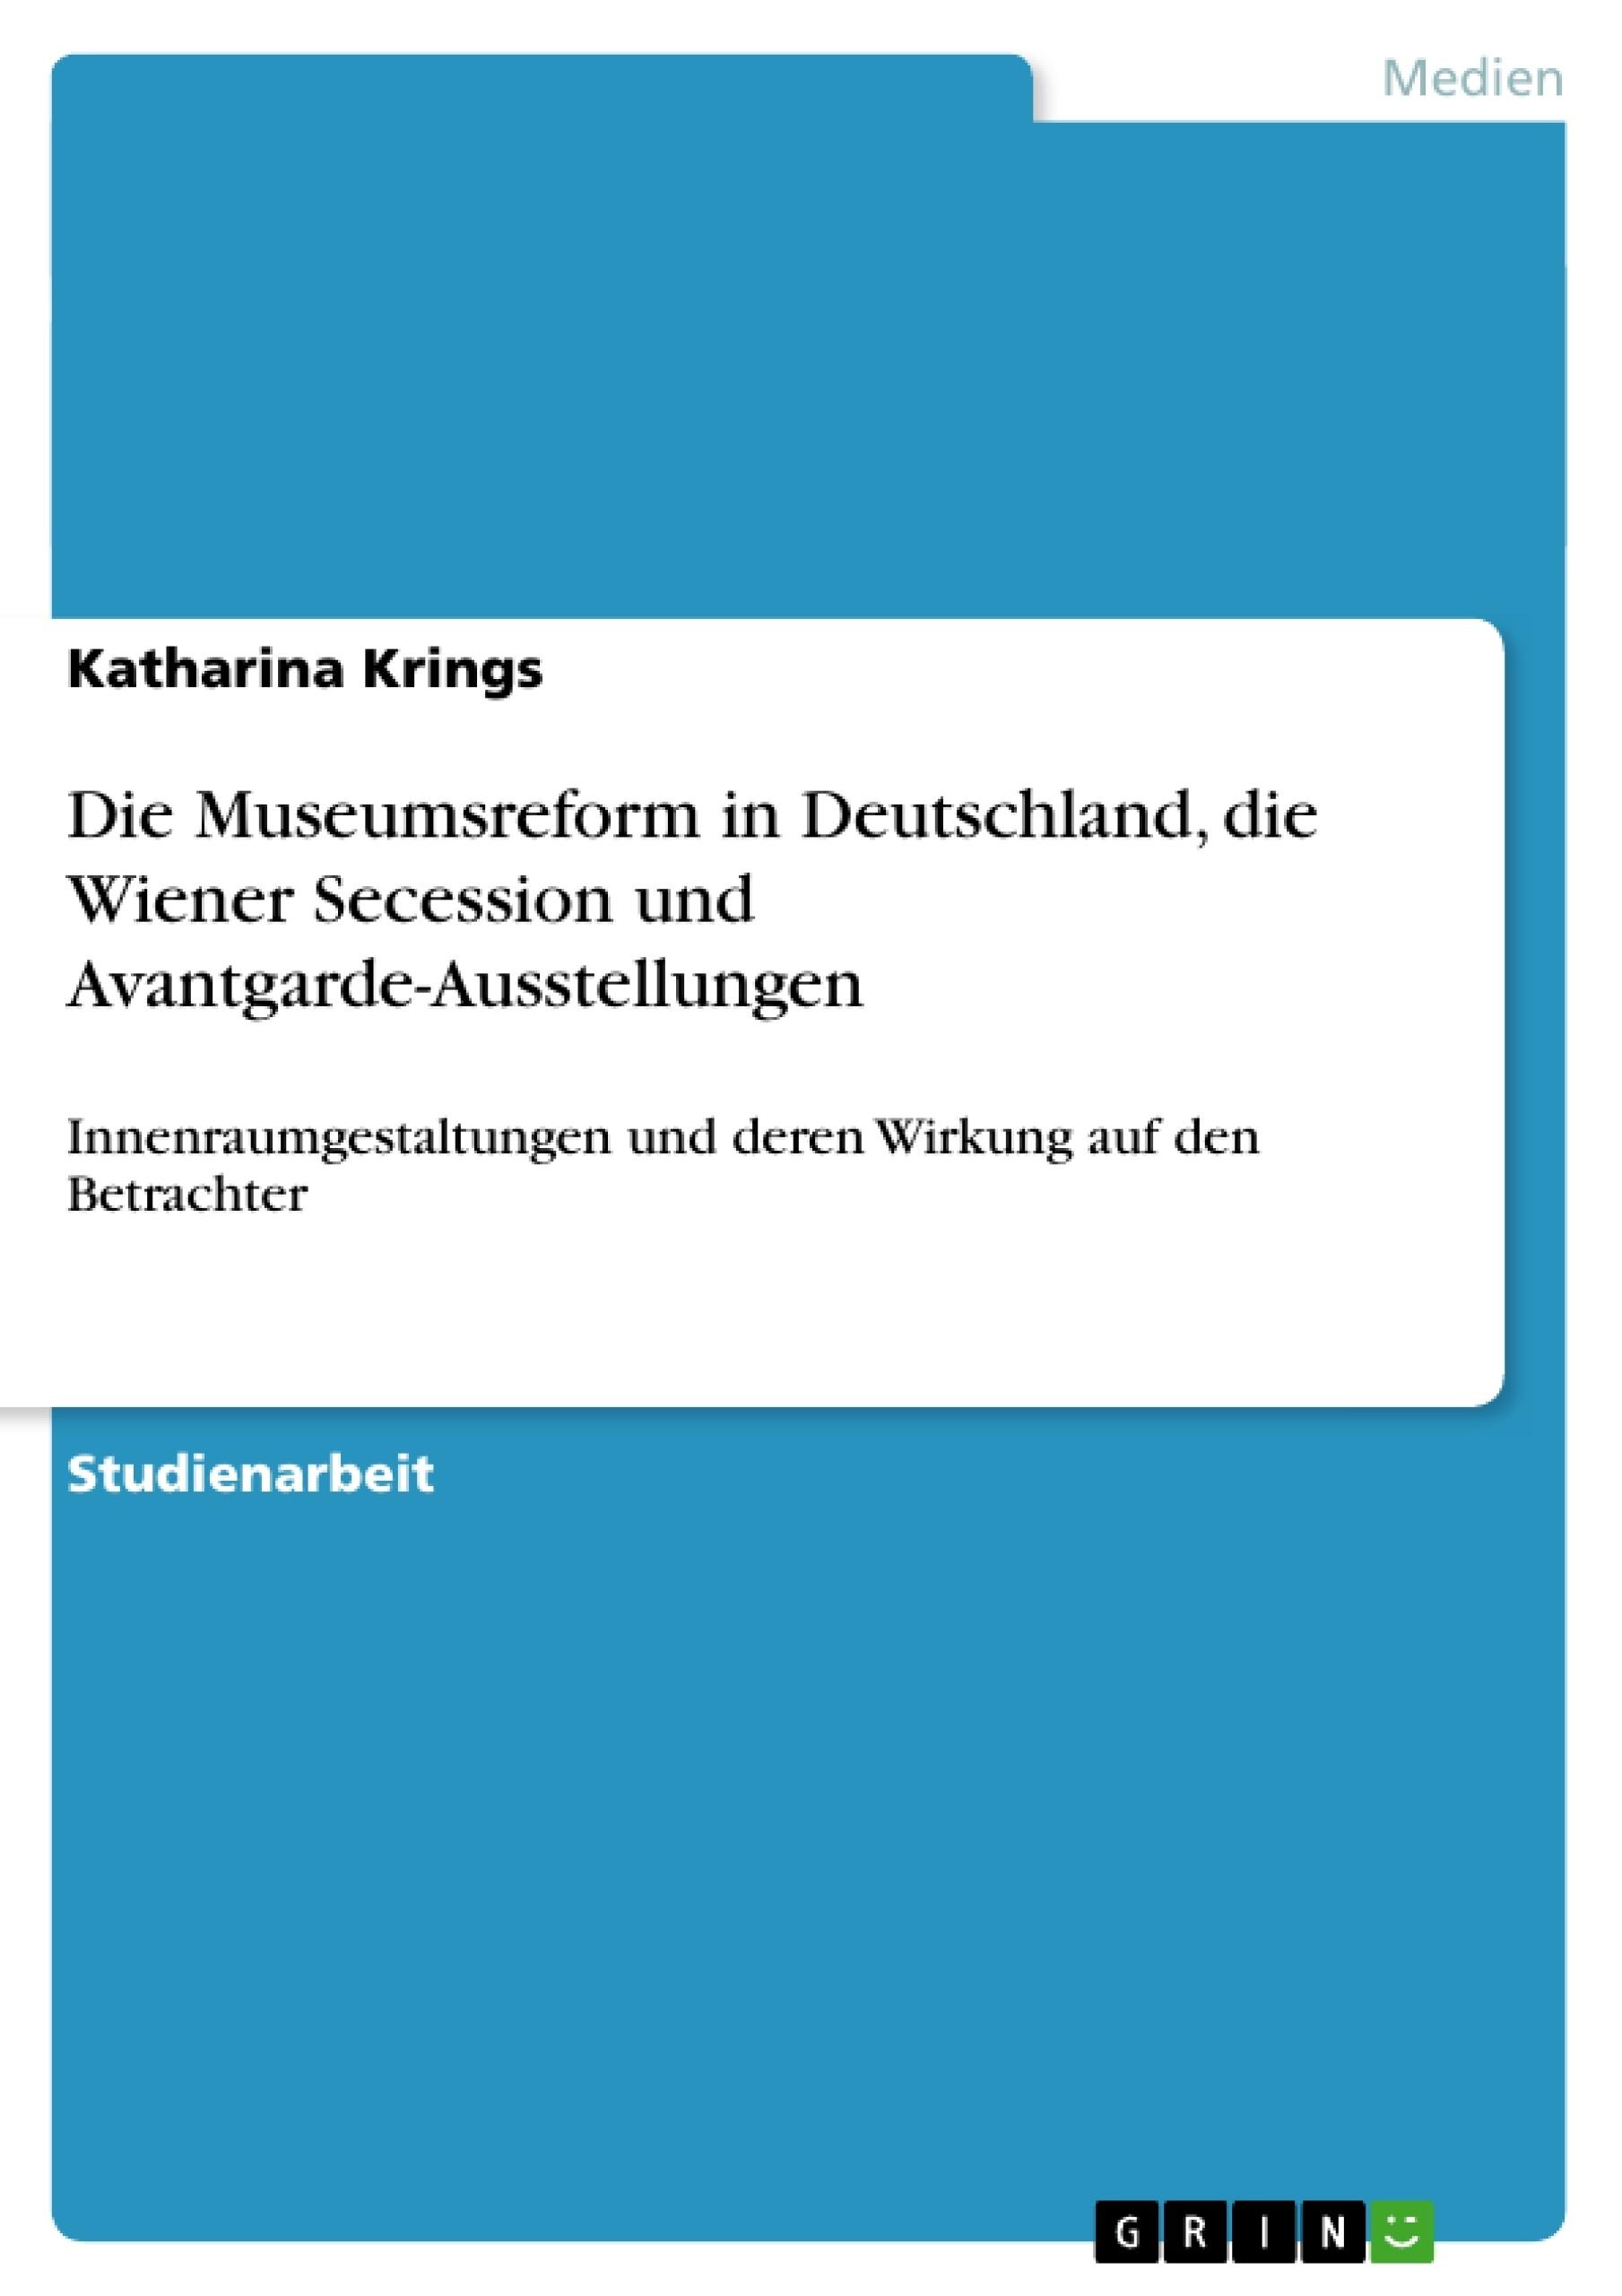 Titel: Die Museumsreform in Deutschland, die Wiener Secession und Avantgarde-Ausstellungen